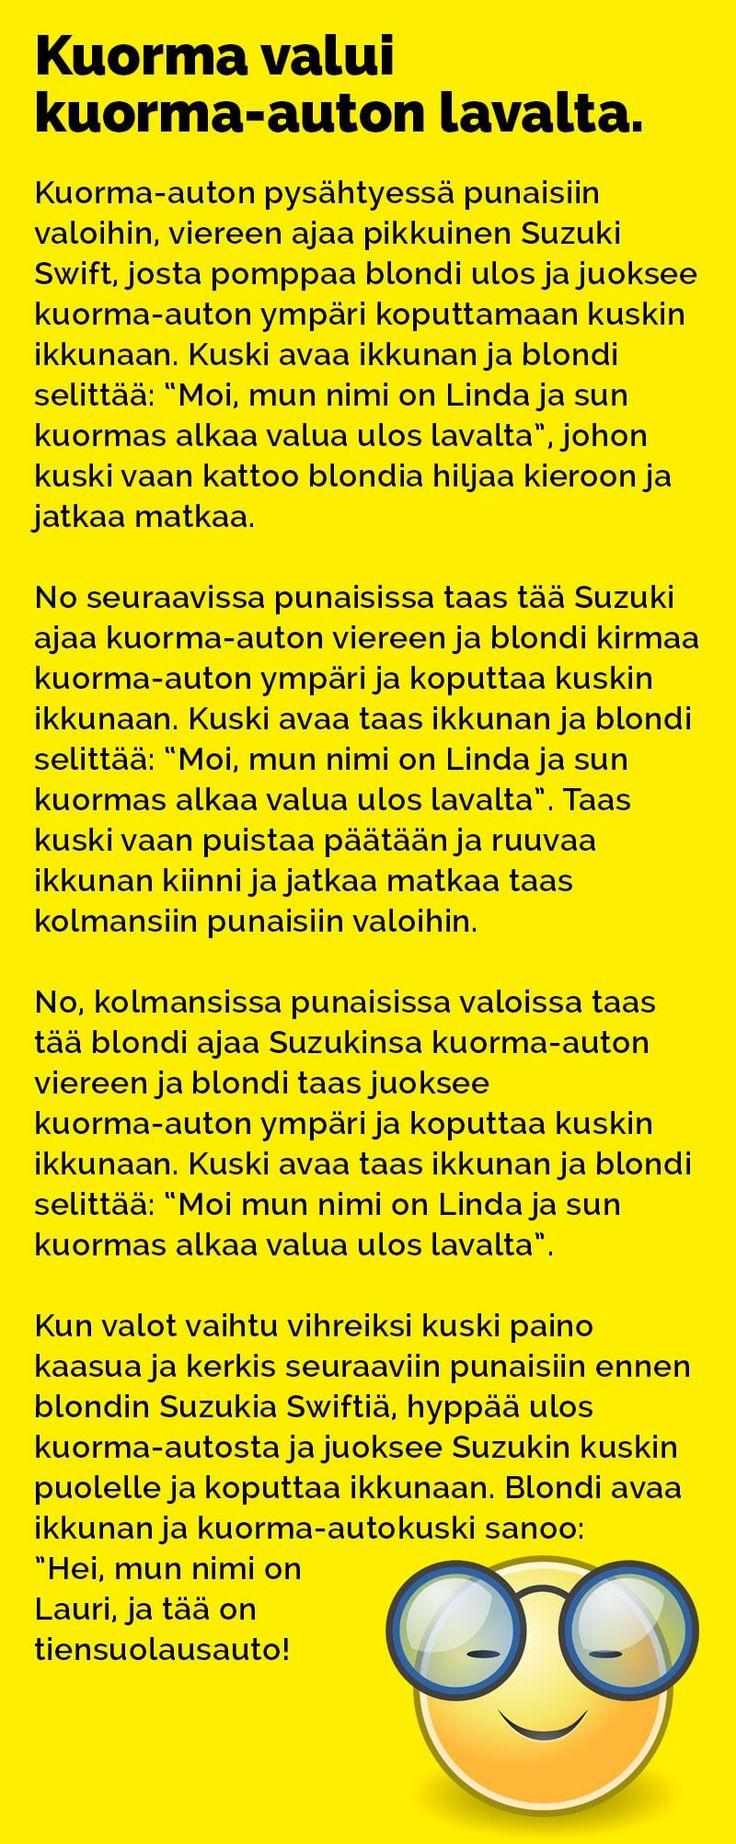 Avulias nainen, eikä kiitosta edes kuulunut. Katso lisää vitsejä! Lähde: hauskimmat.fi / Kim